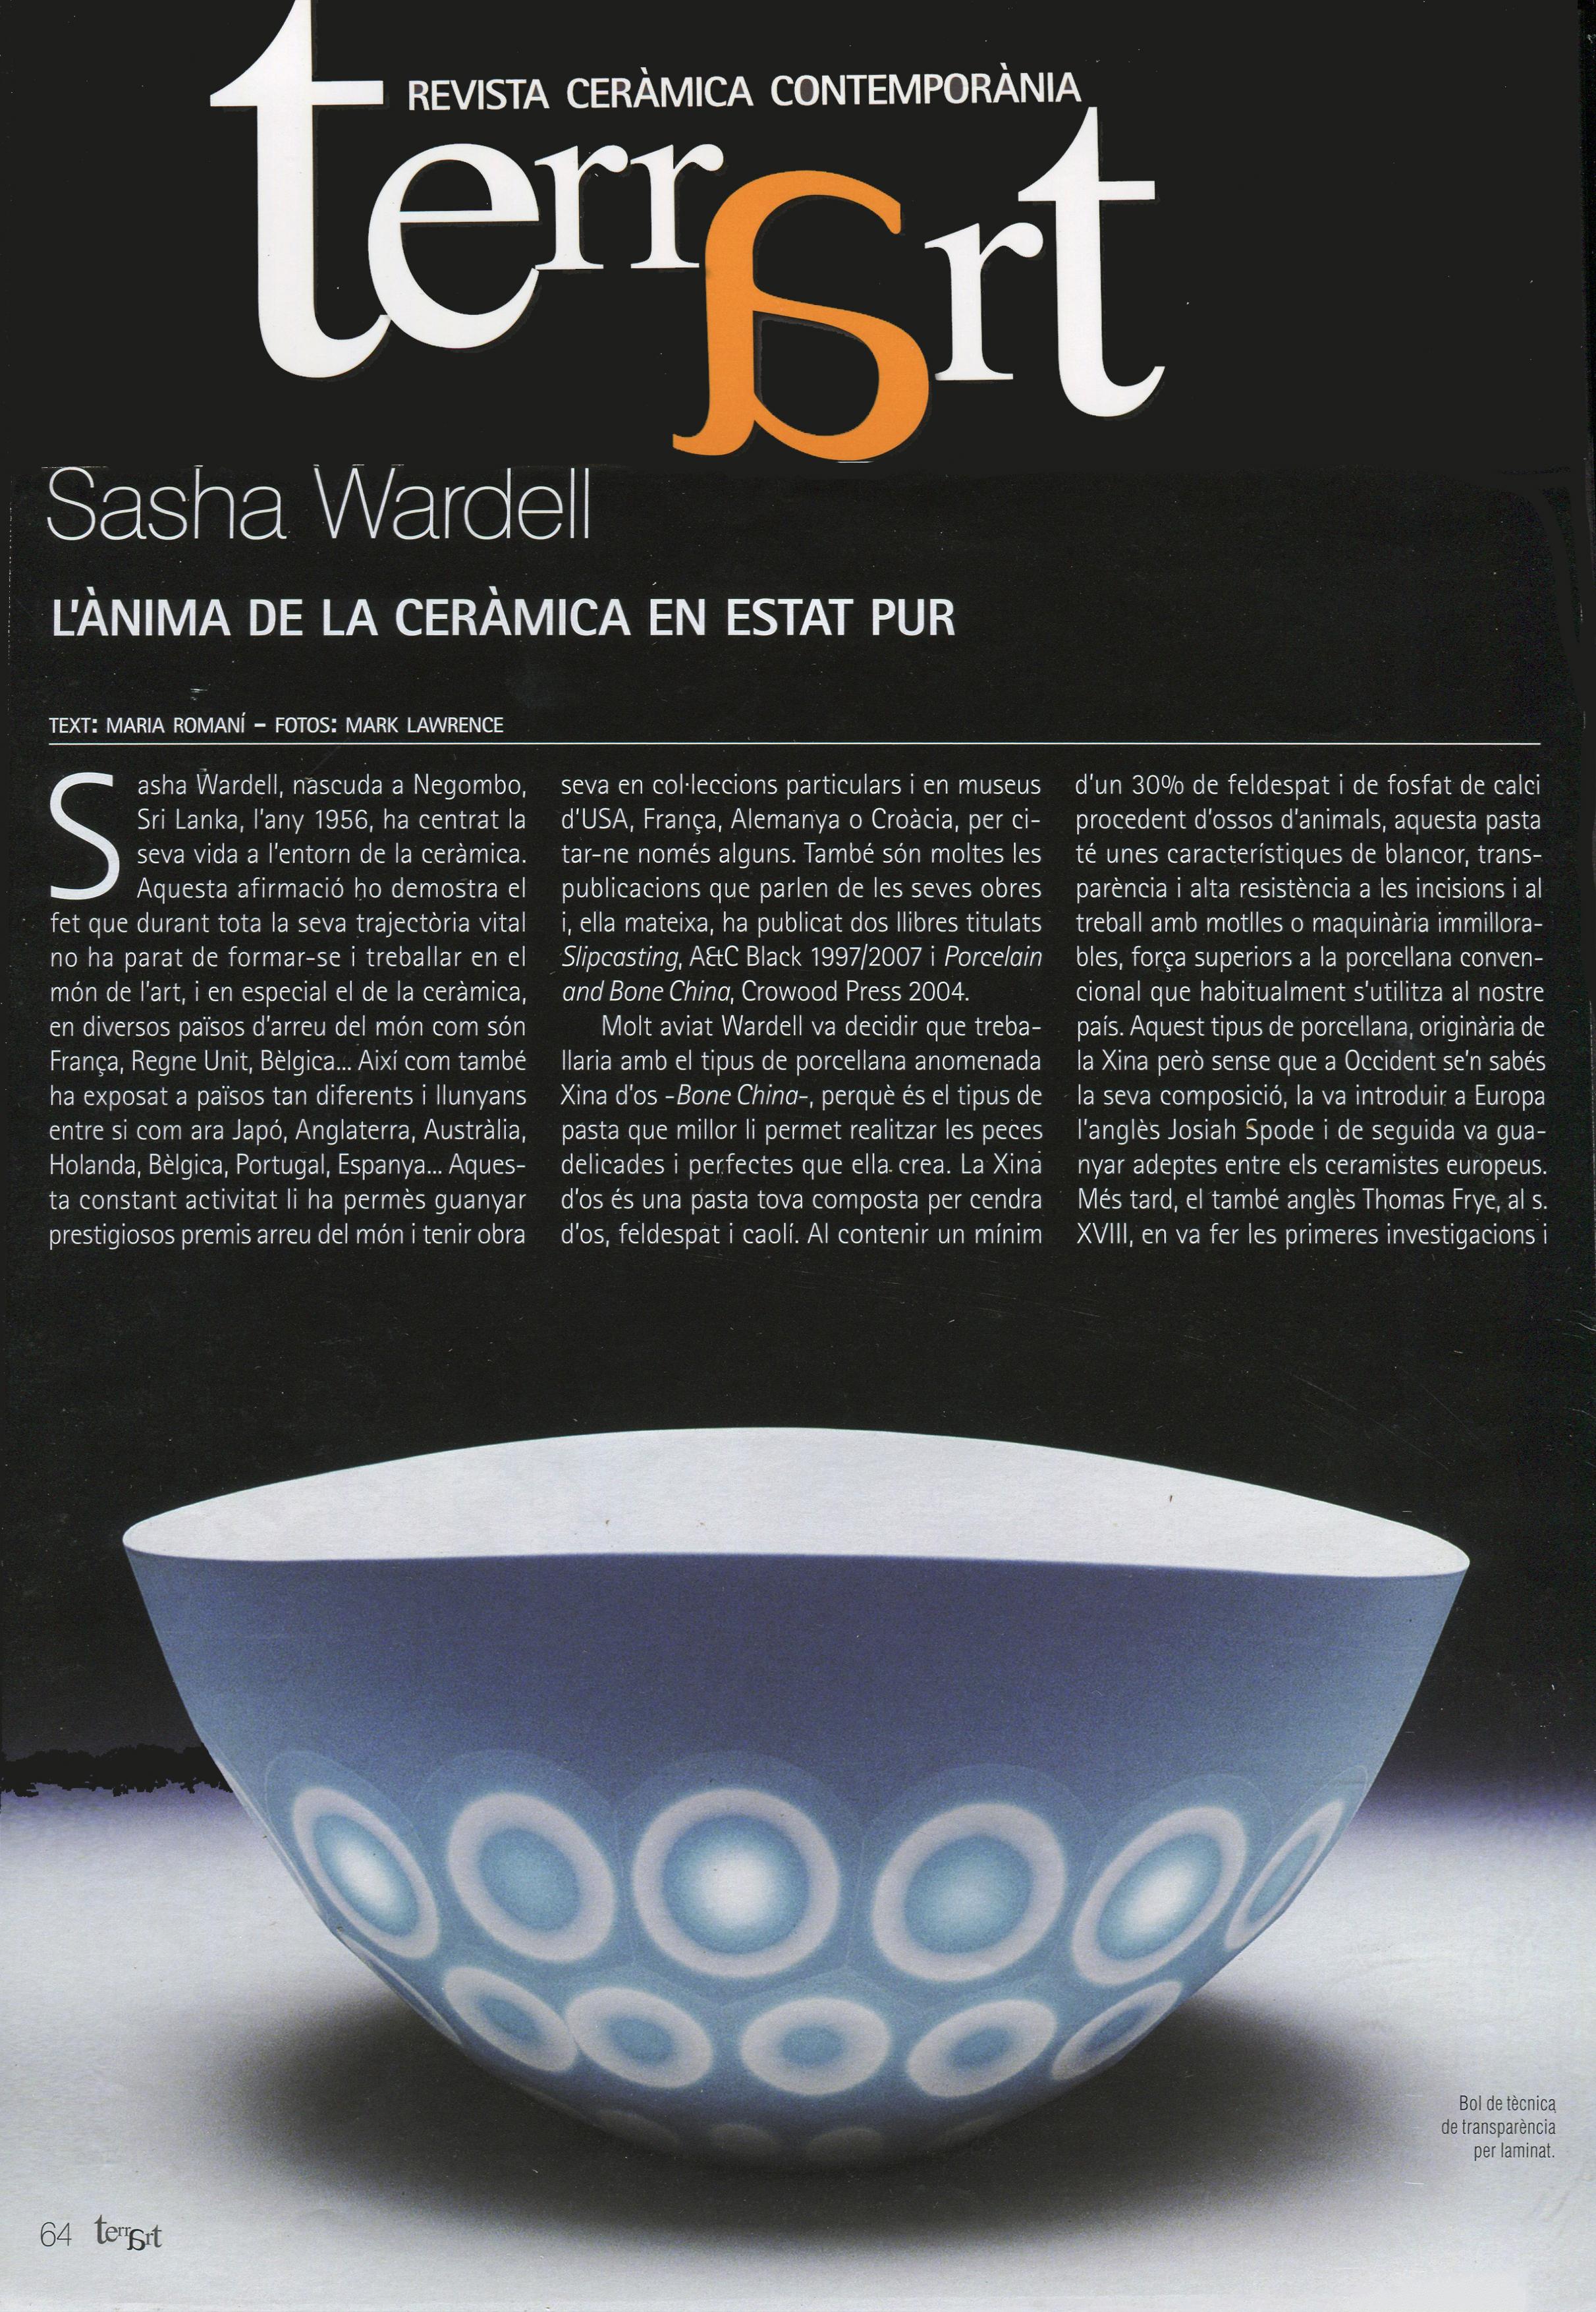 CeramicaContemporania(TerrArt).jpg